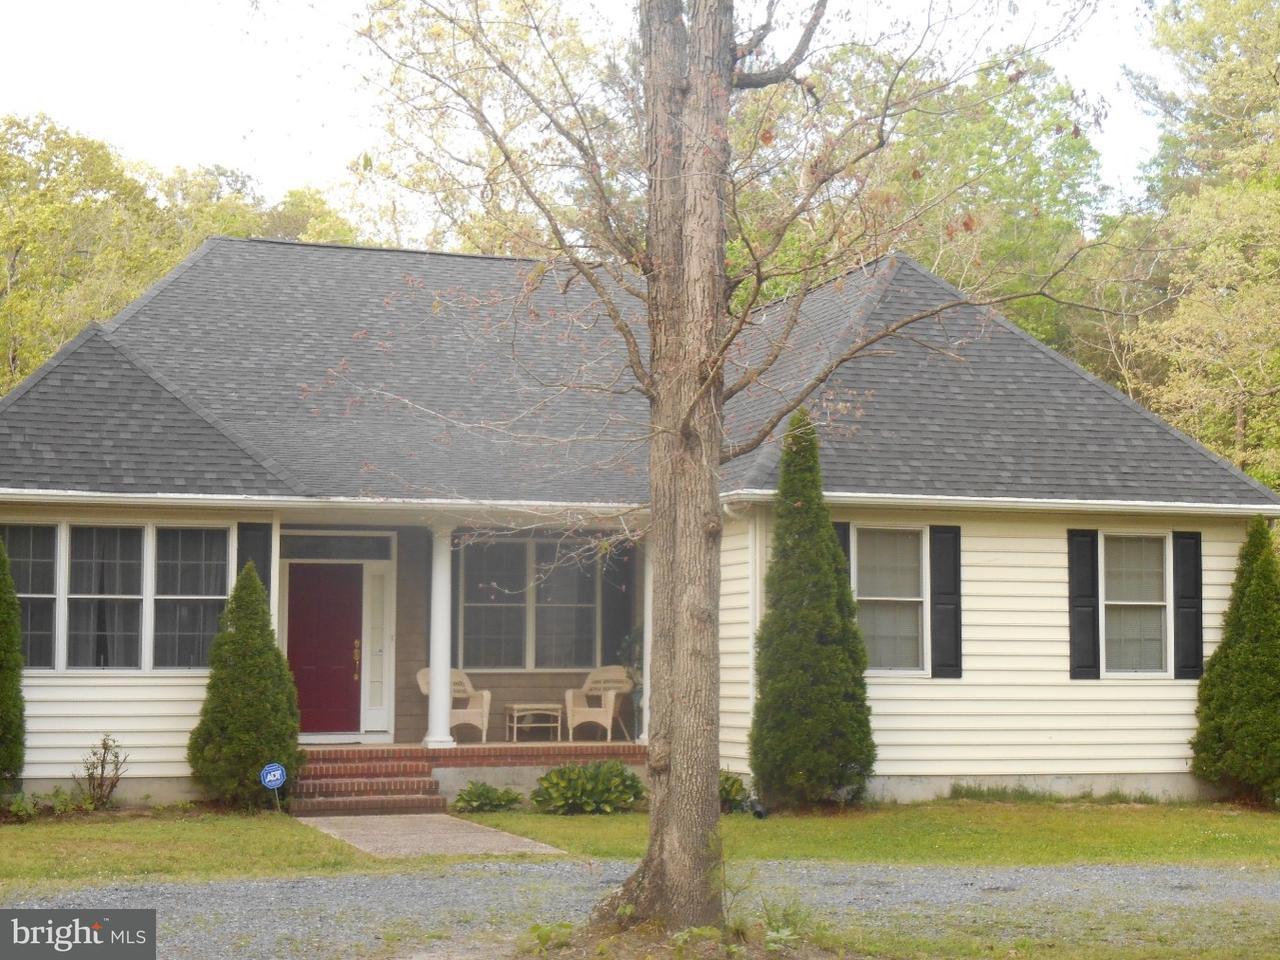 Частный односемейный дом для того Продажа на 16887 SAND HILL Road Milton, Делавэр 19968 Соединенные Штаты